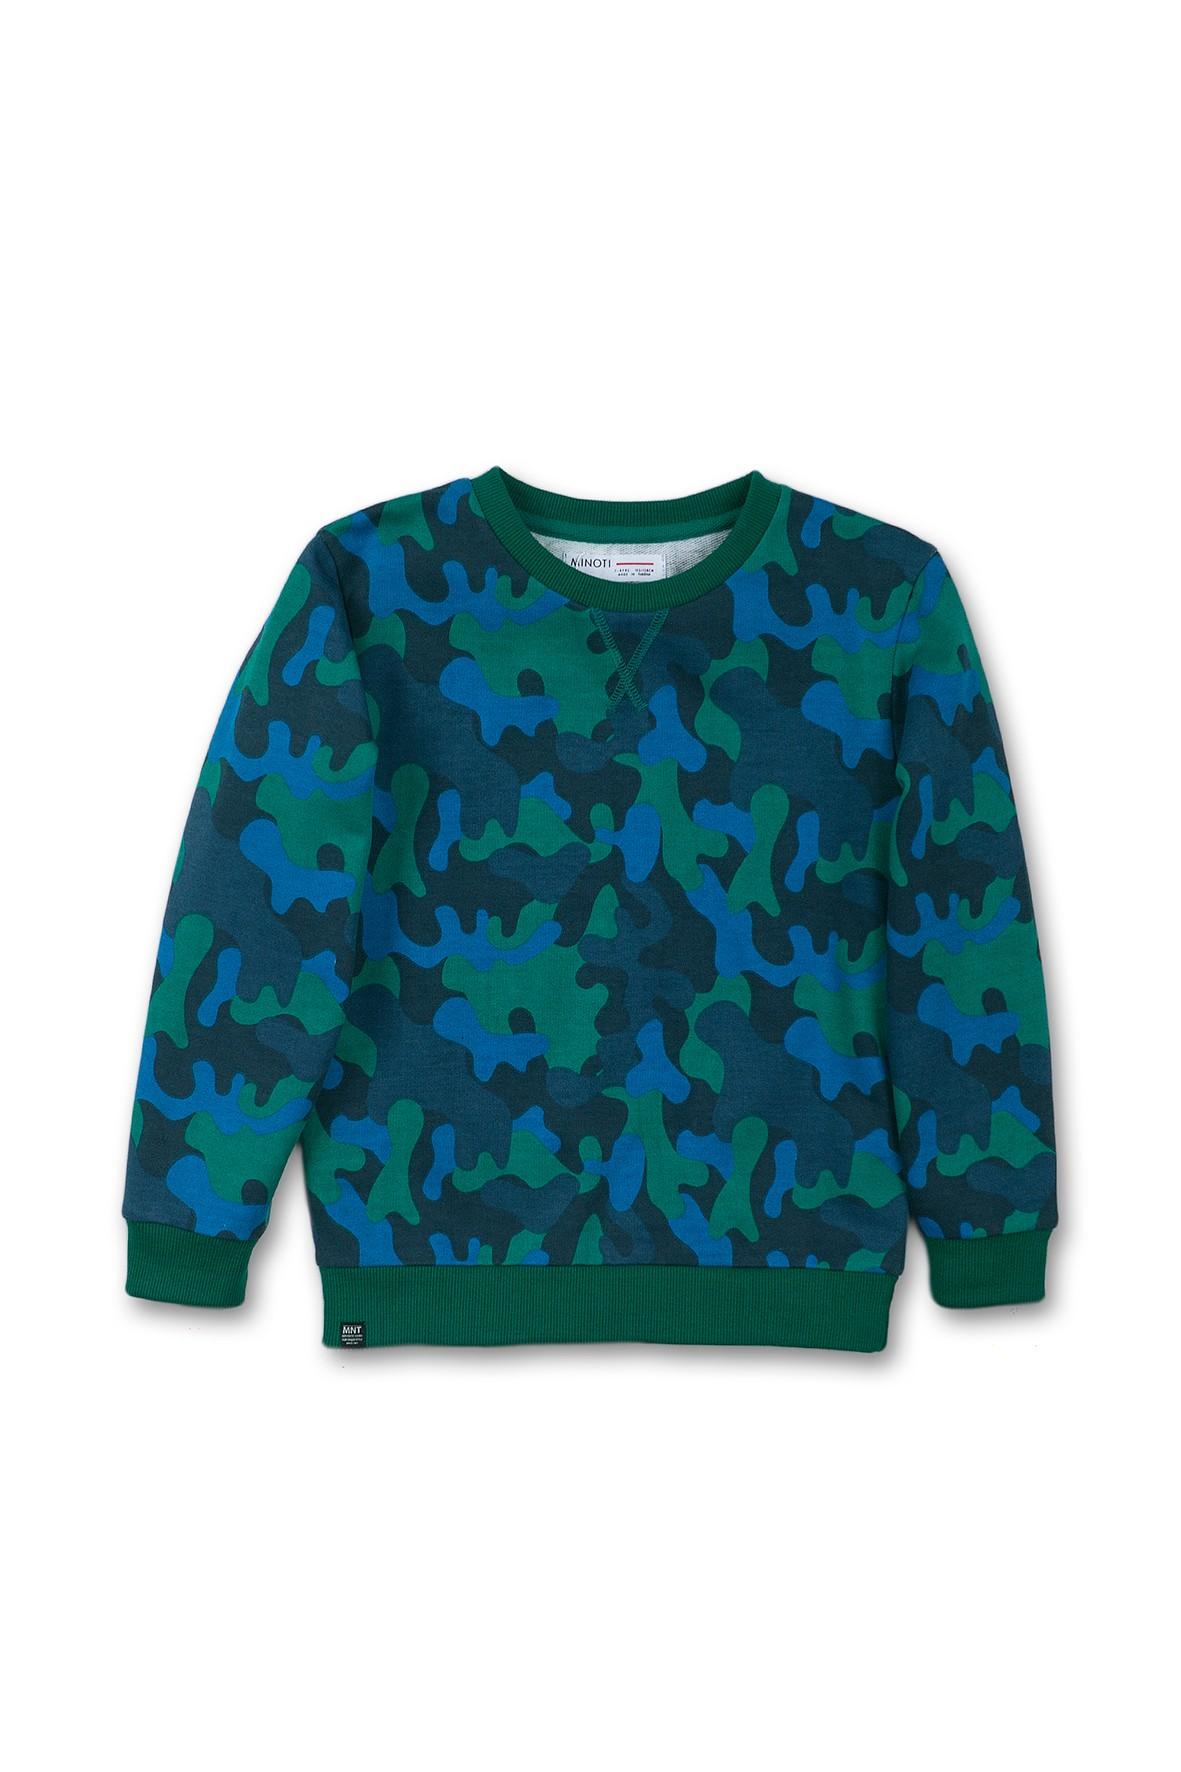 Bluza moro dla chłopca- ubrania sportowe